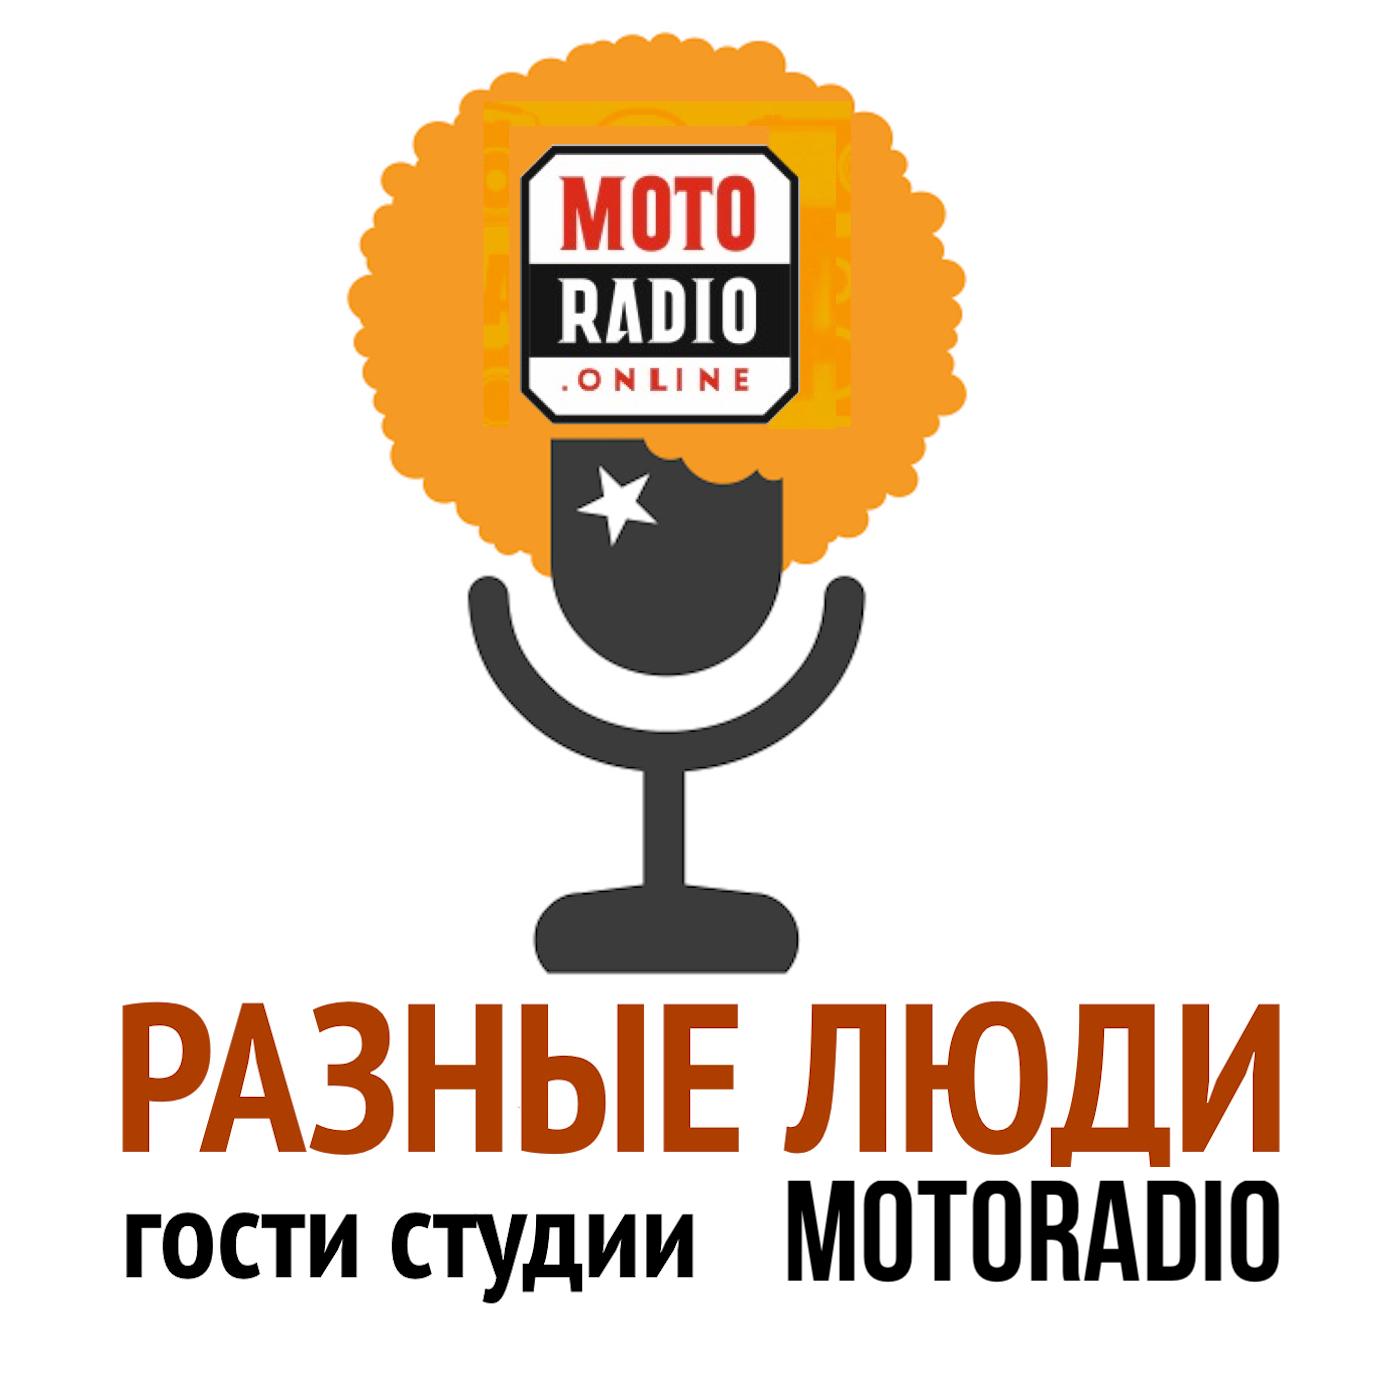 Моторадио Владимир Шевельков — советский, российский актёр театра и кино дал интервью радио Imagine